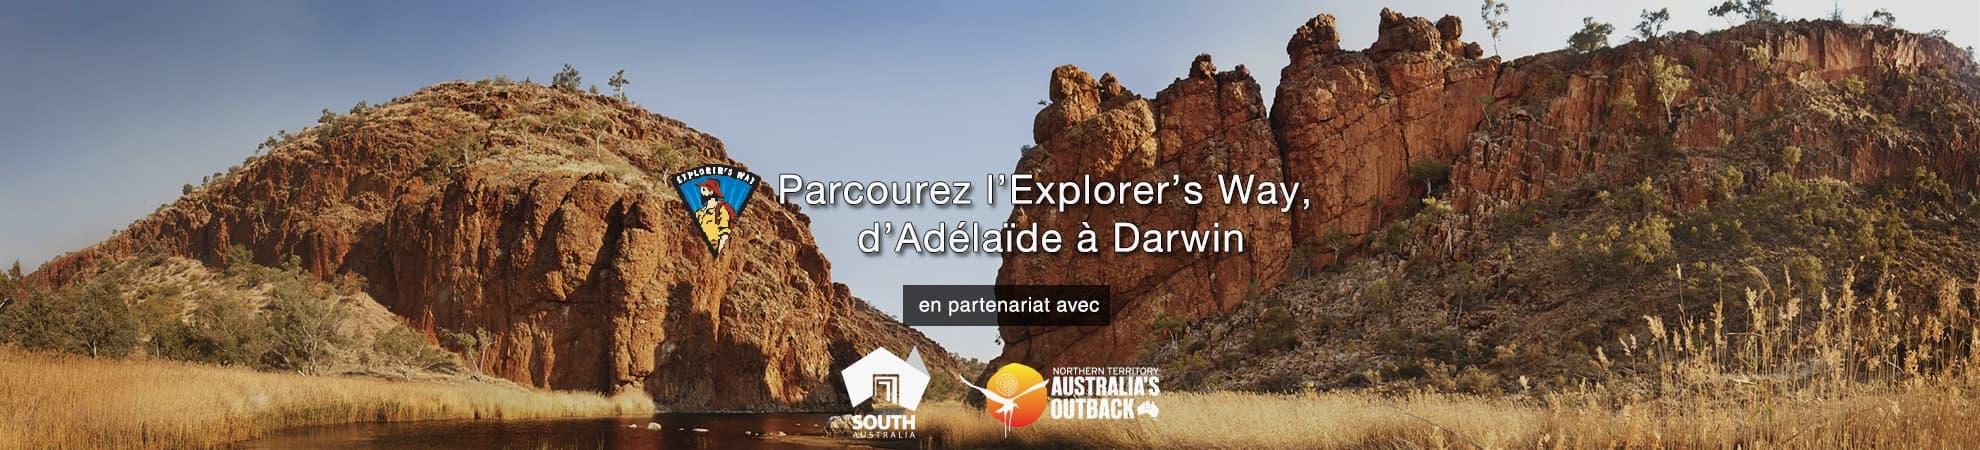 L'EXPLORER'S WAY, D'ADELAÏDE A DARWIN